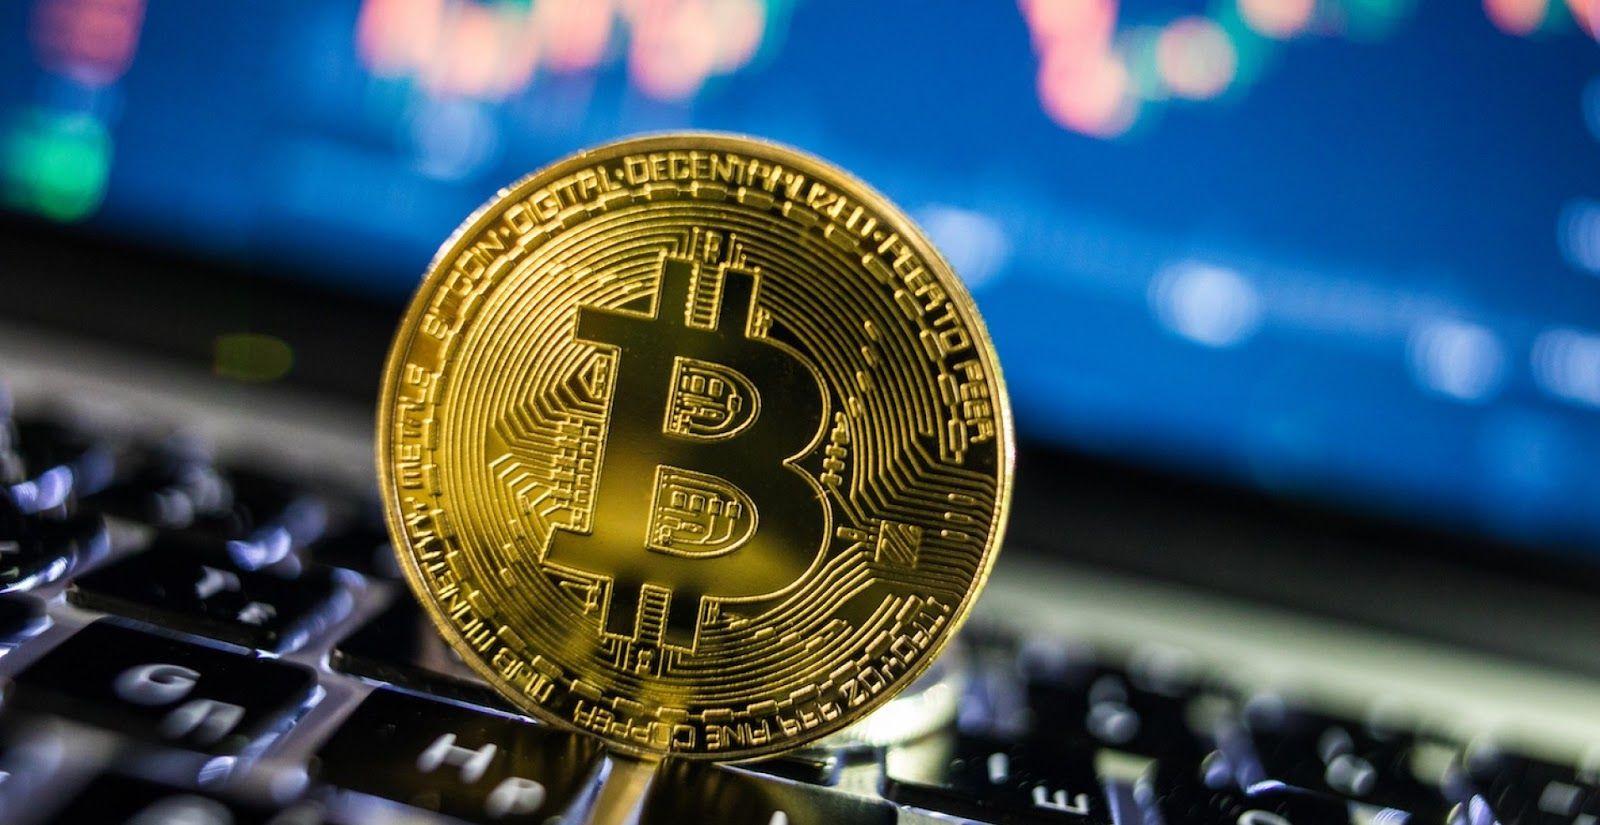 Bloomberg раскрыл имя создателя биткоина: его уже нет в живых